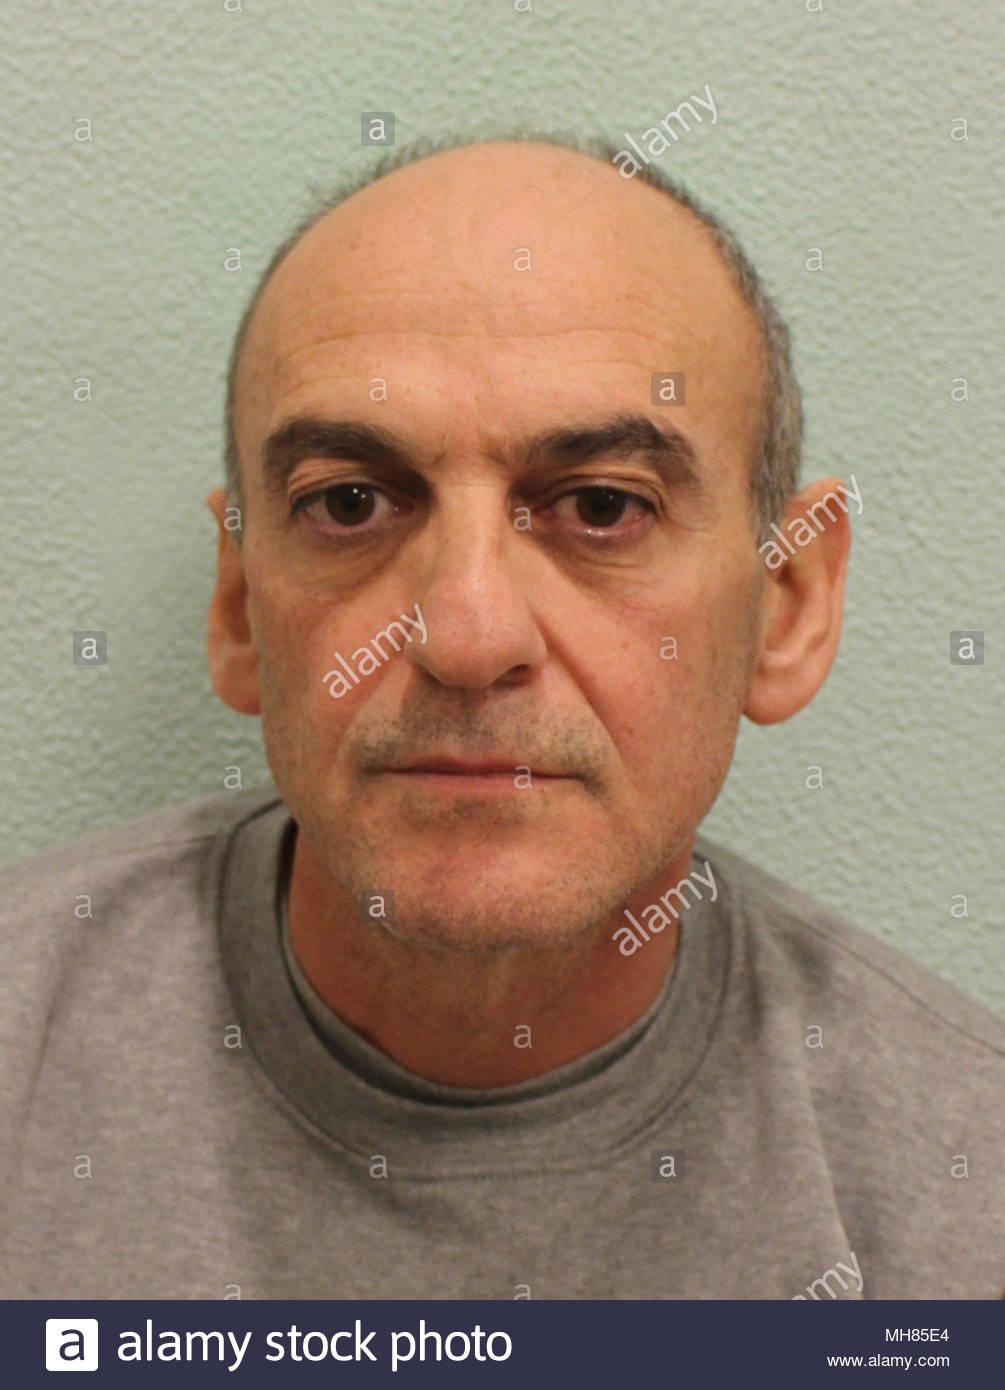 """Fichier document non daté de la Police métropolitaine photo de """"menteur et manipulateur"""" père Robert Peters, 56 ans, qui a été emprisonné à l'Old Bailey à vie avec une durée minimale de 24 ans pour étouffer ses sept-année-vieille fille Sophia. Photo Stock"""